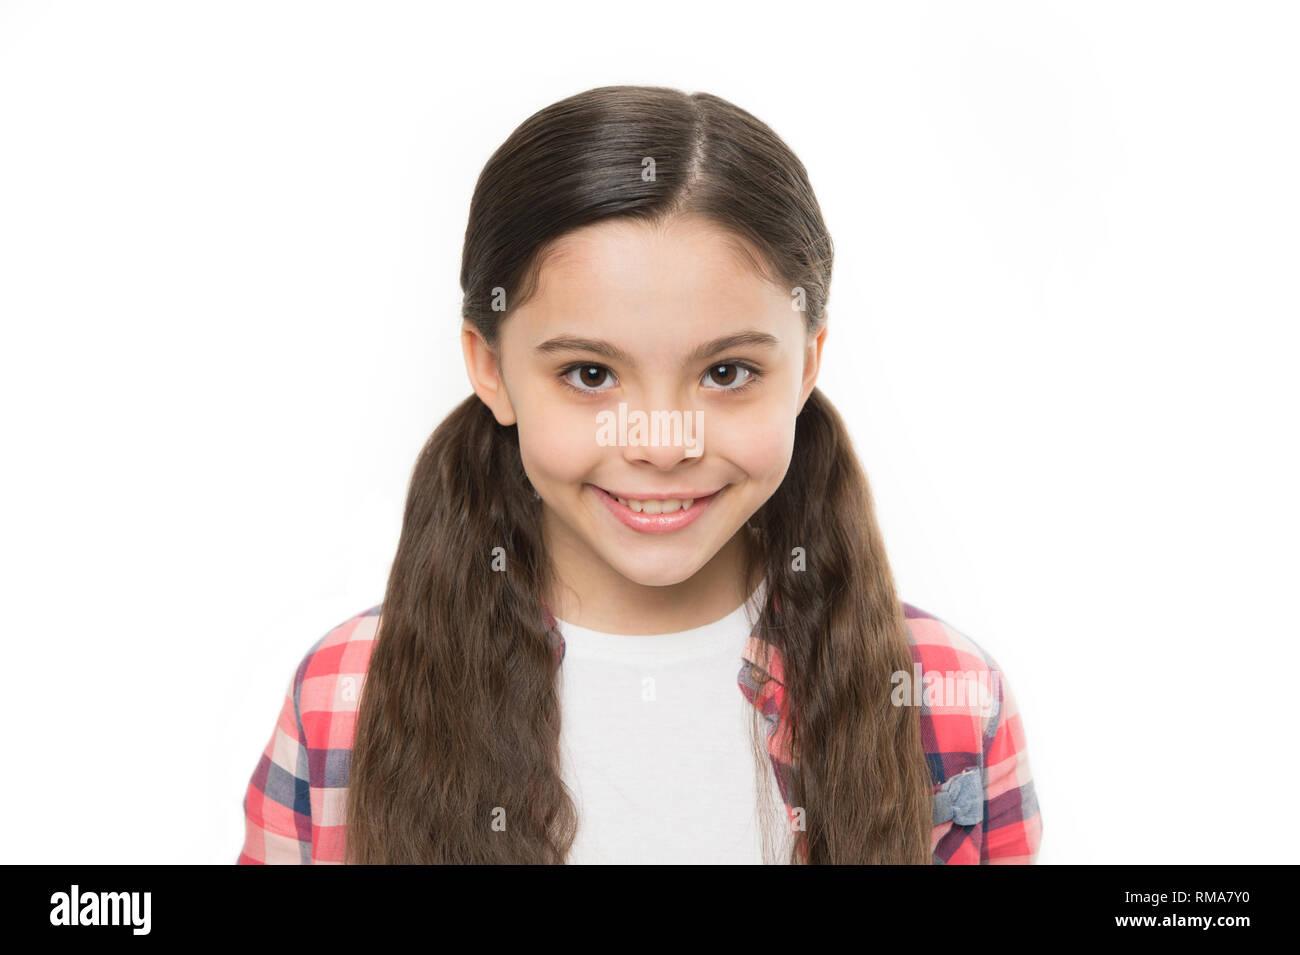 Kraftiges Haar Konzept Kind Madchen Lange Gesund Glanzendes Haar